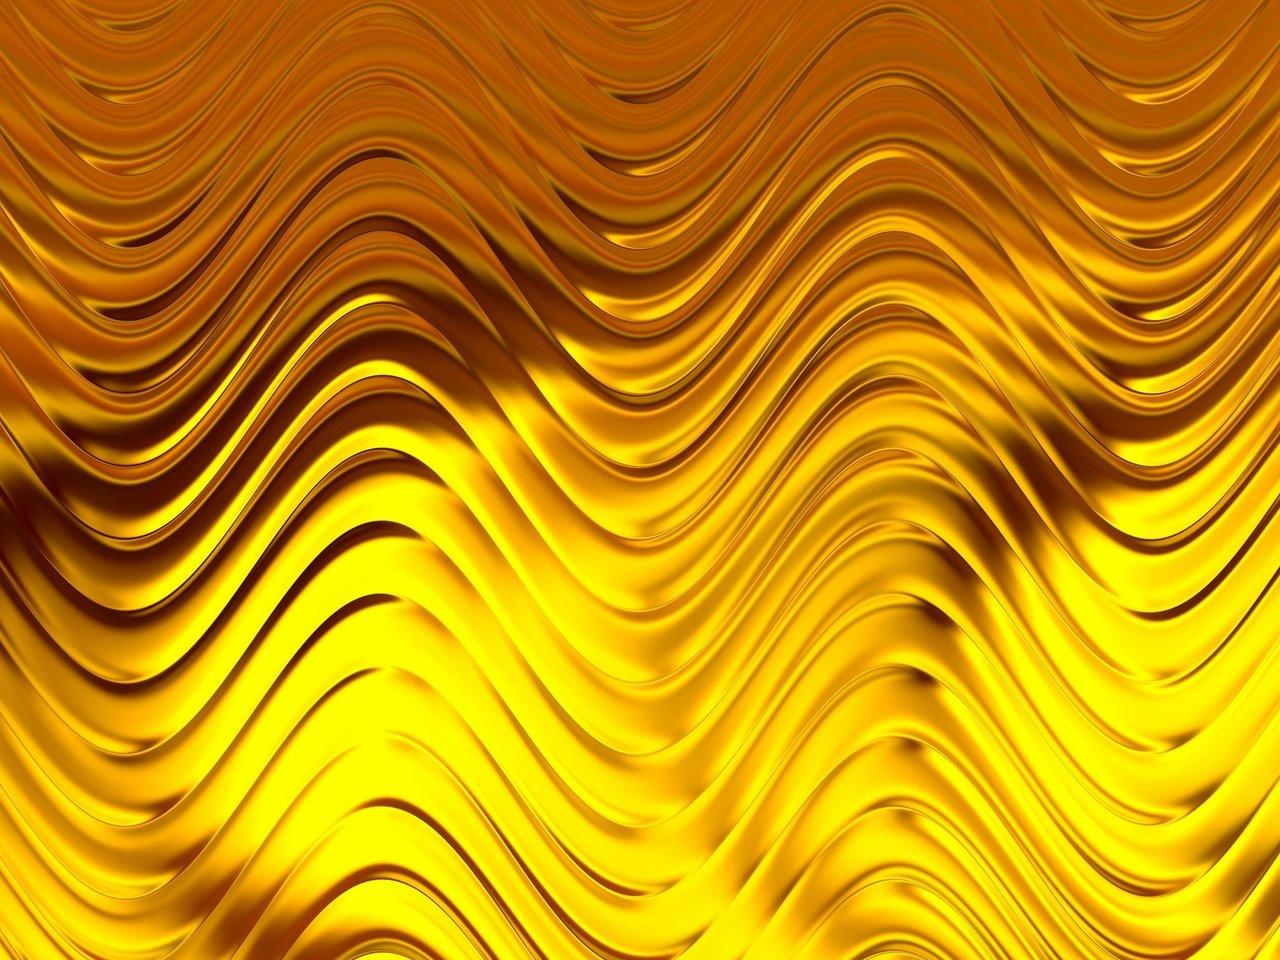 Золотые волны картинка